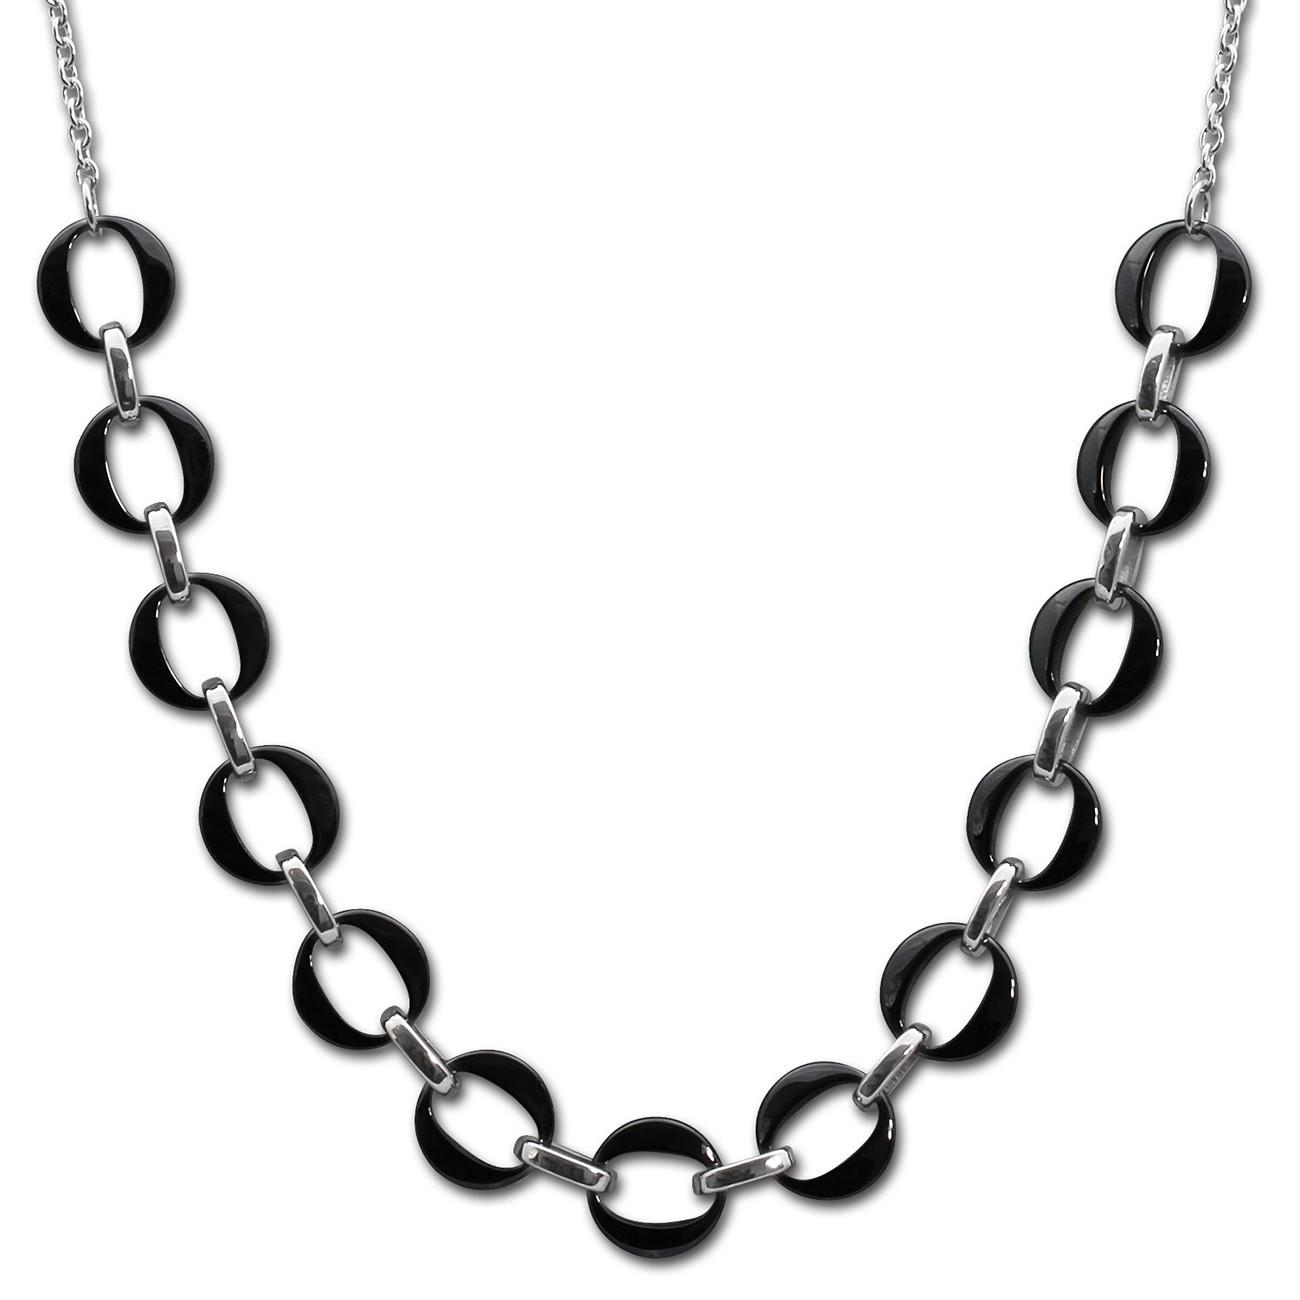 Amello Halskette Keramik Ringe schwarz Damen Edelstahlschmuck ESKX02S